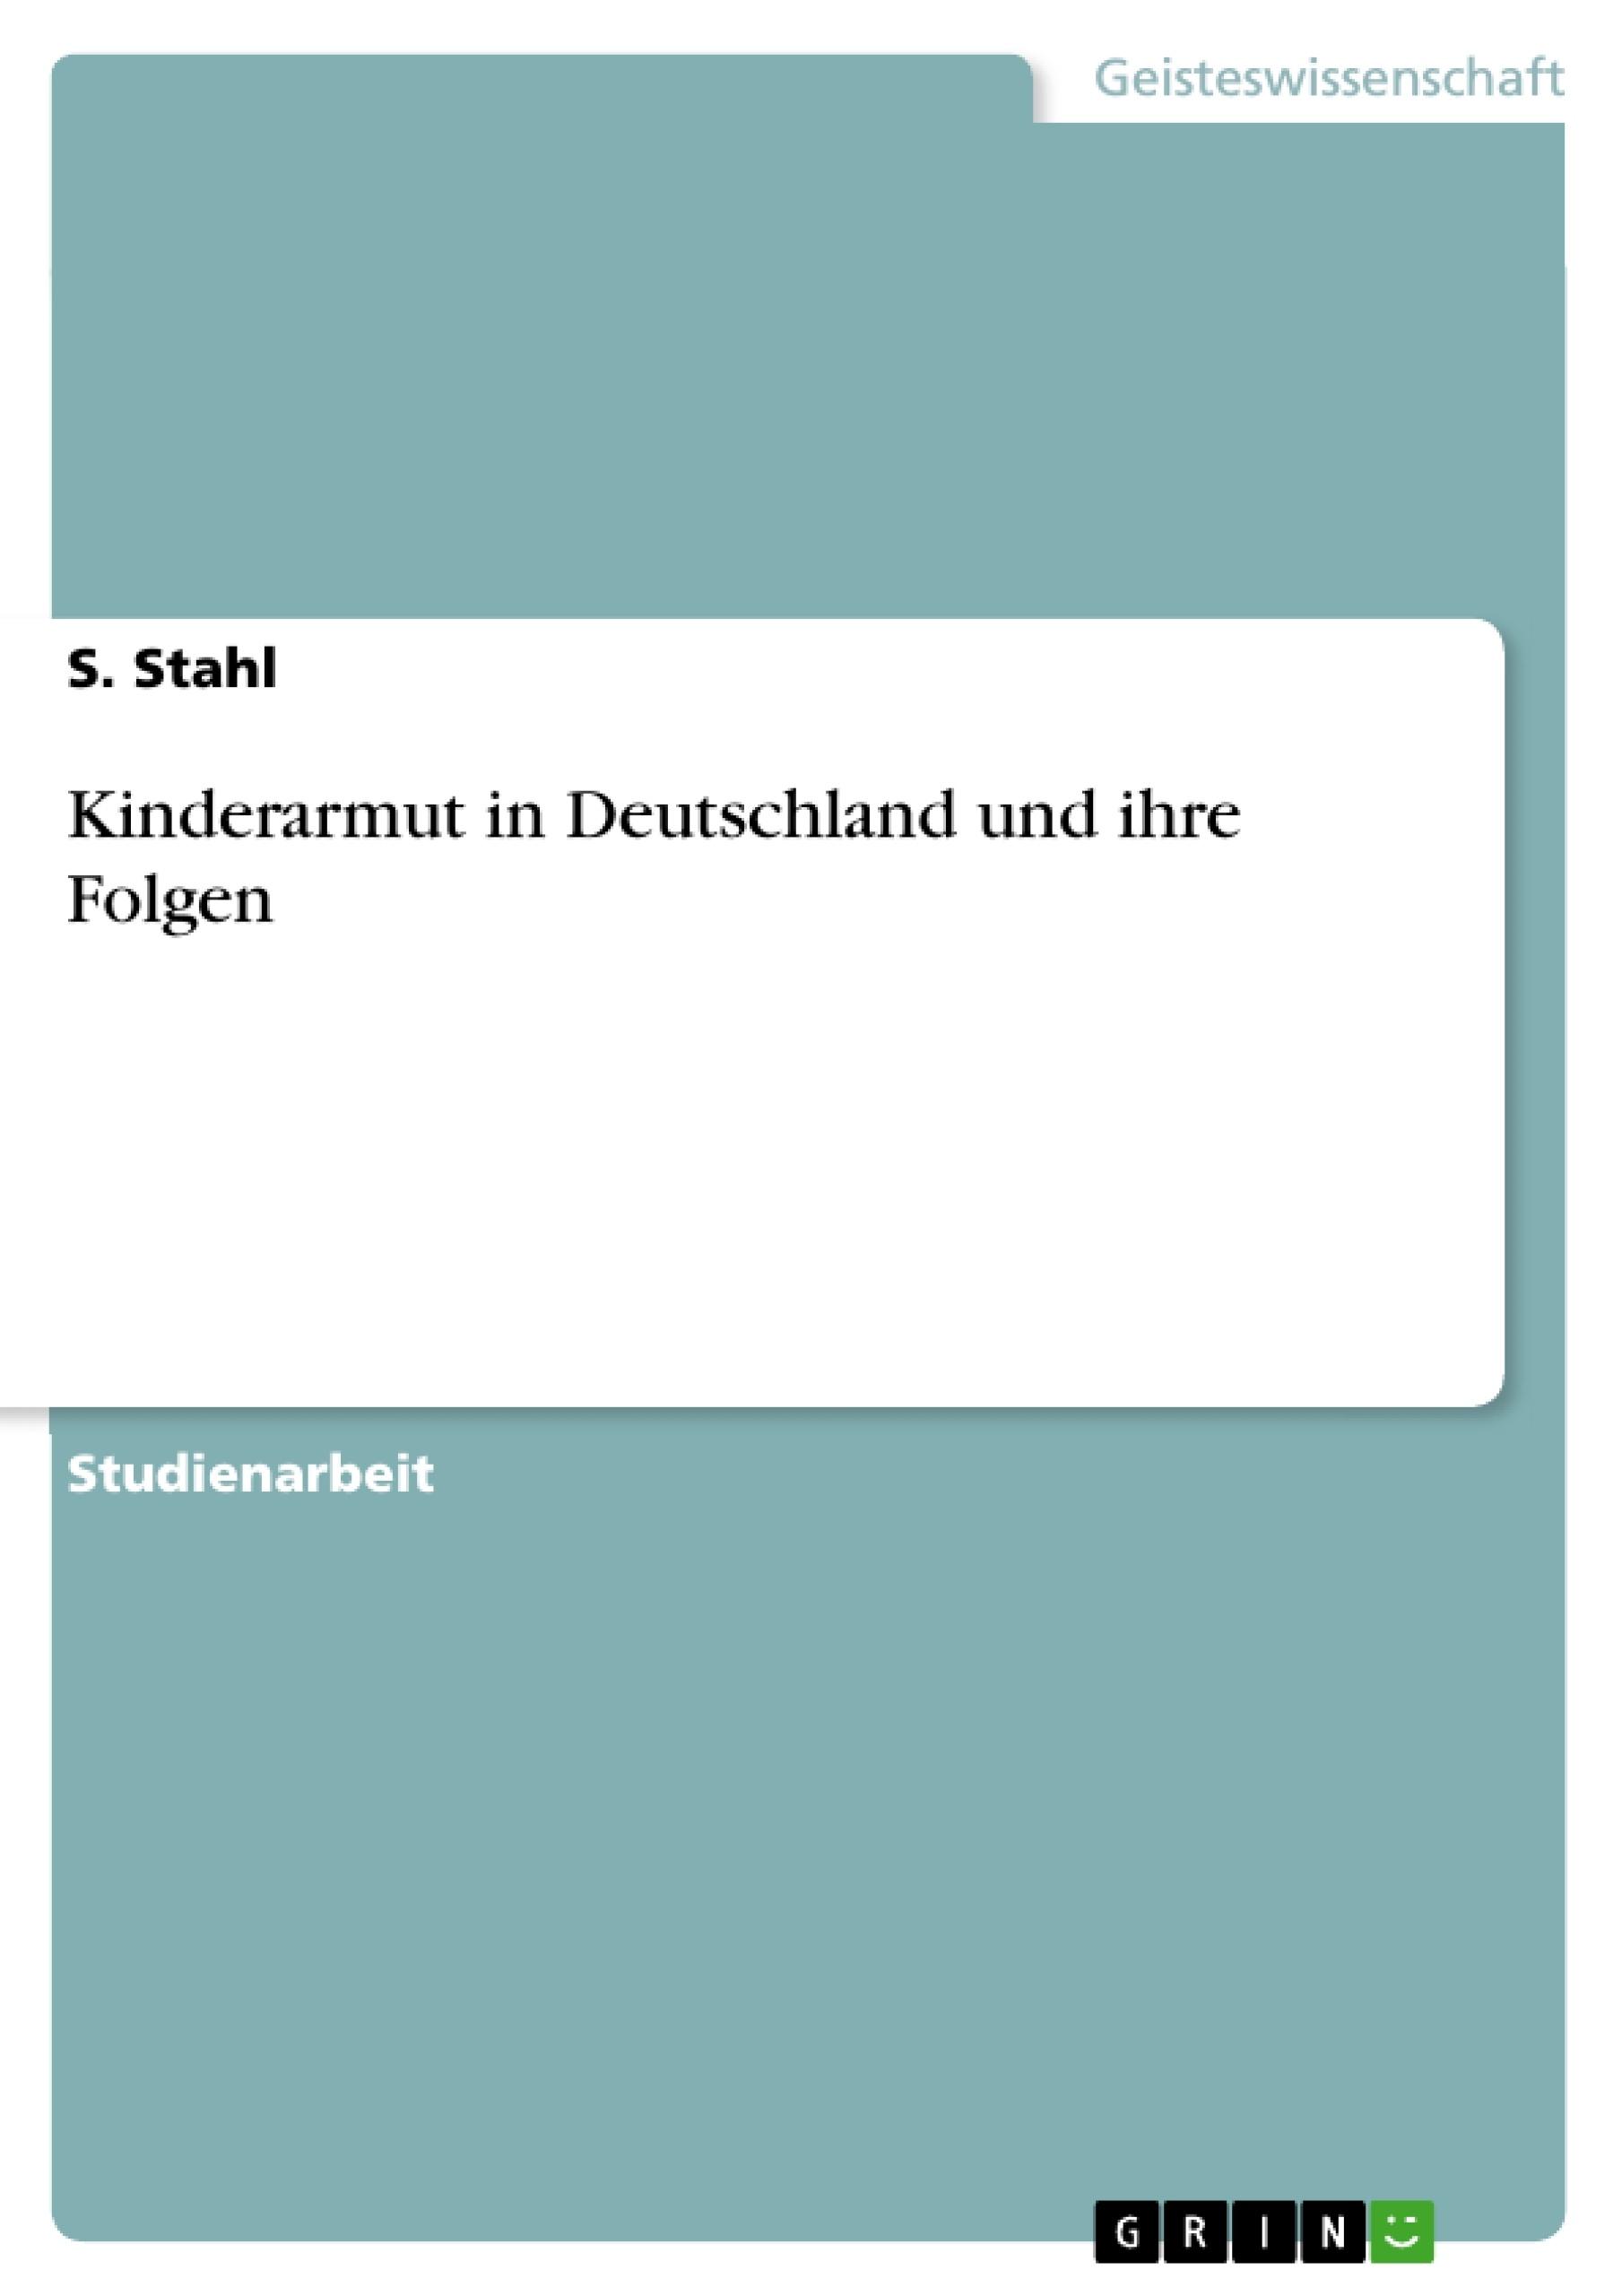 Titel: Kinderarmut in Deutschland und ihre Folgen